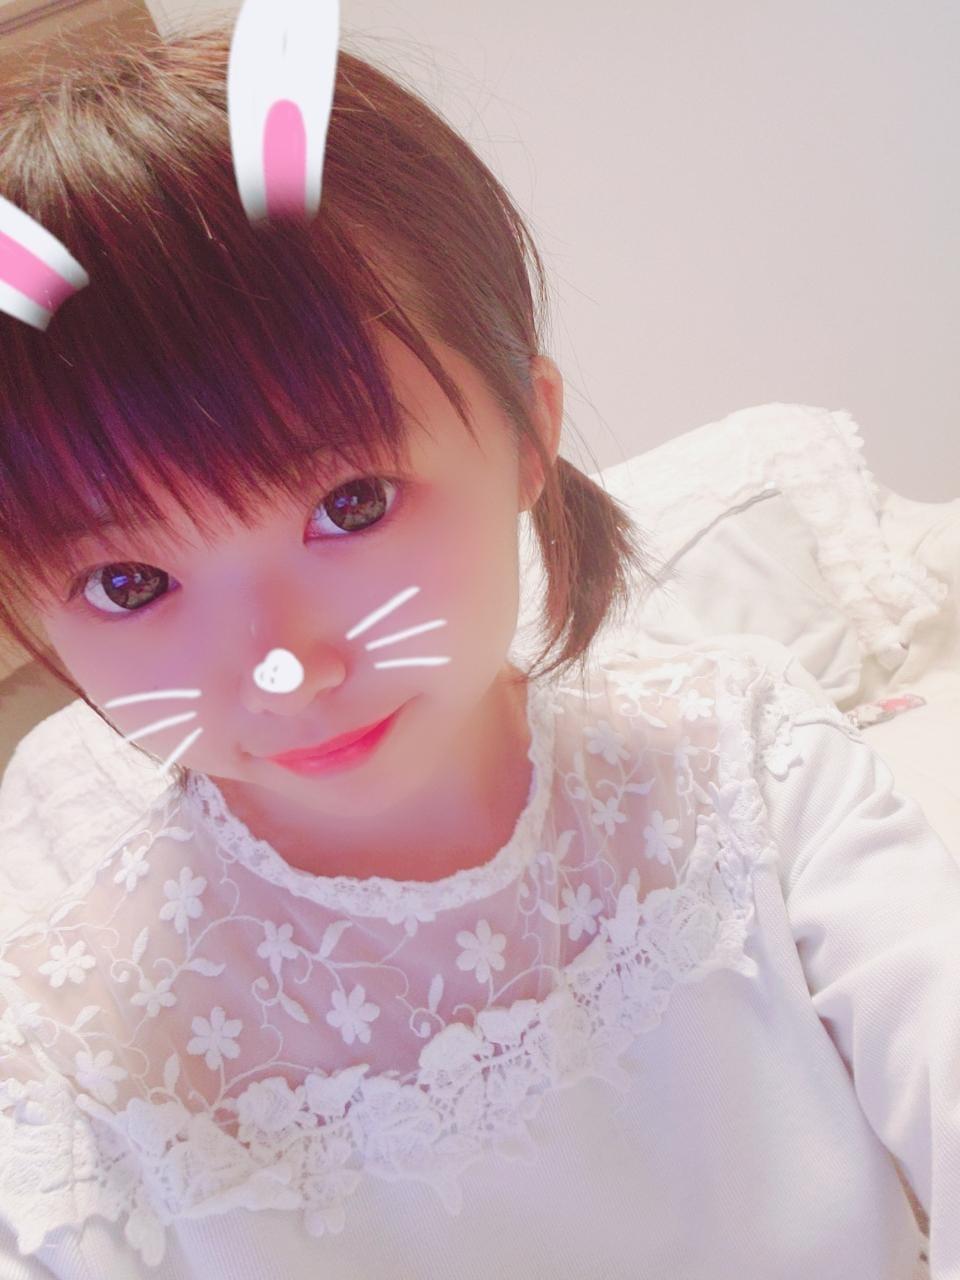 「退屈」04/18(木) 20:24 | ゆんの写メ・風俗動画